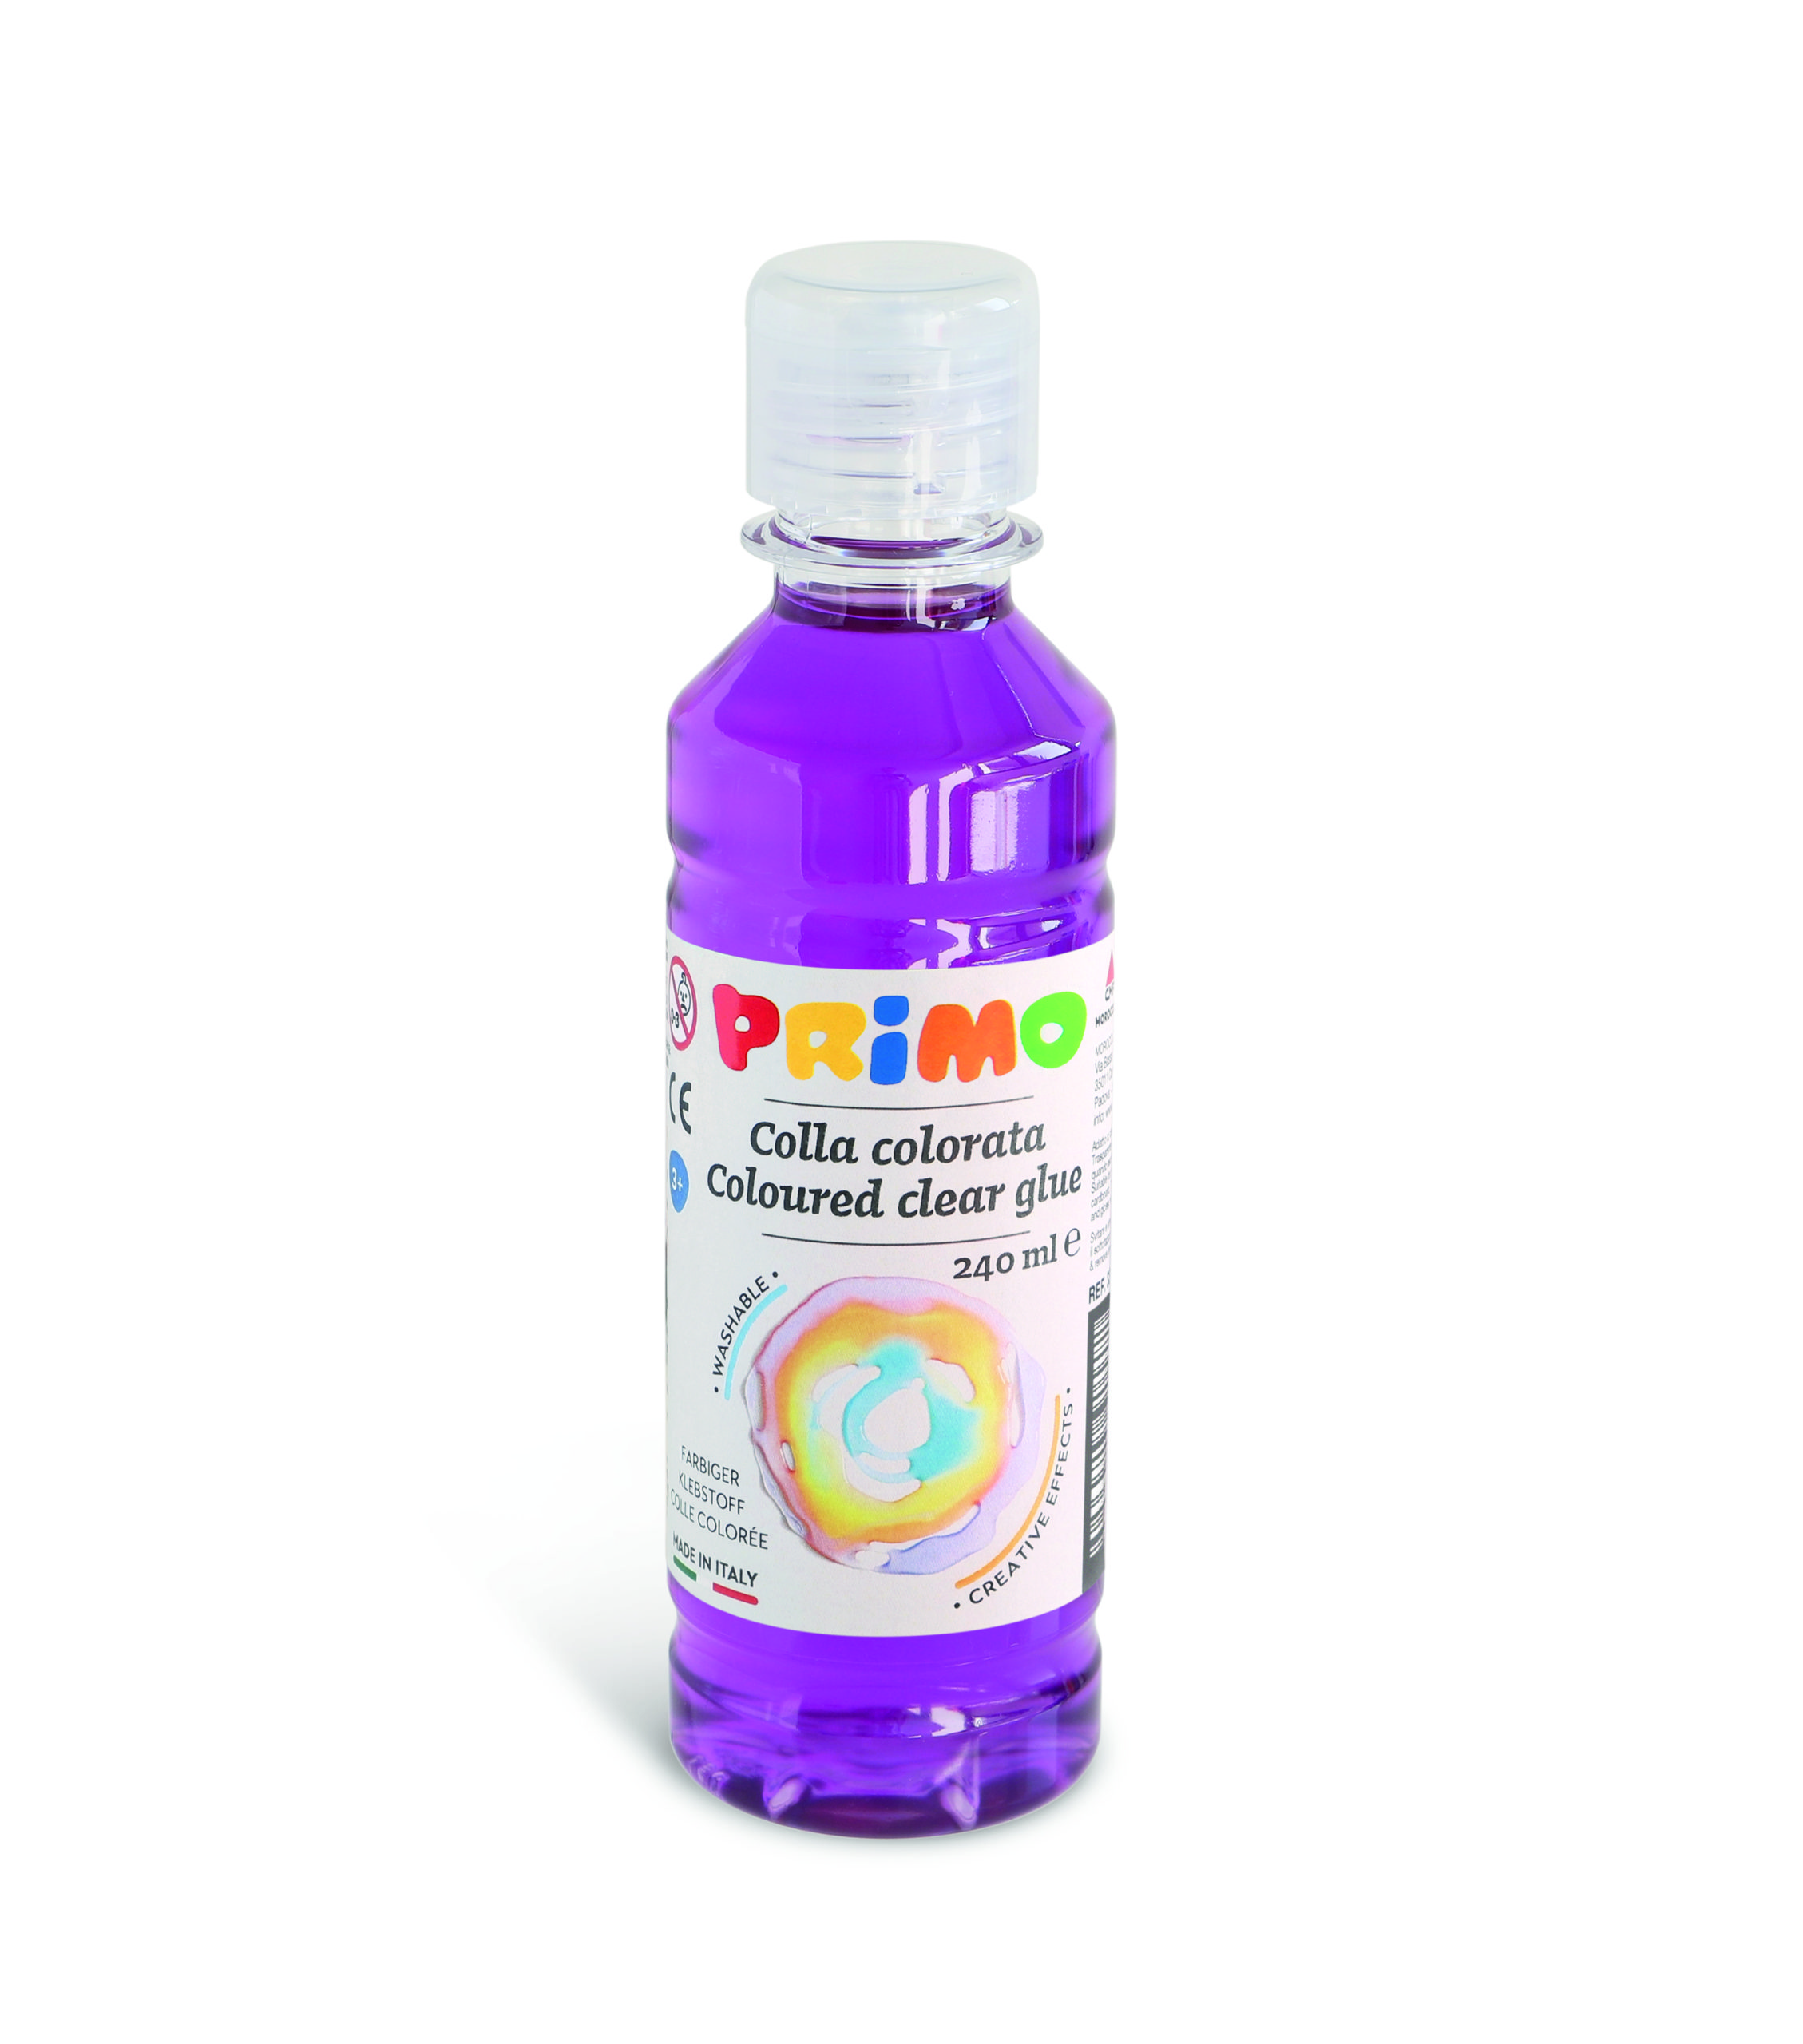 Barevné čiré lepidlo PRIMO na vodní bázi, 240 ml, fialové